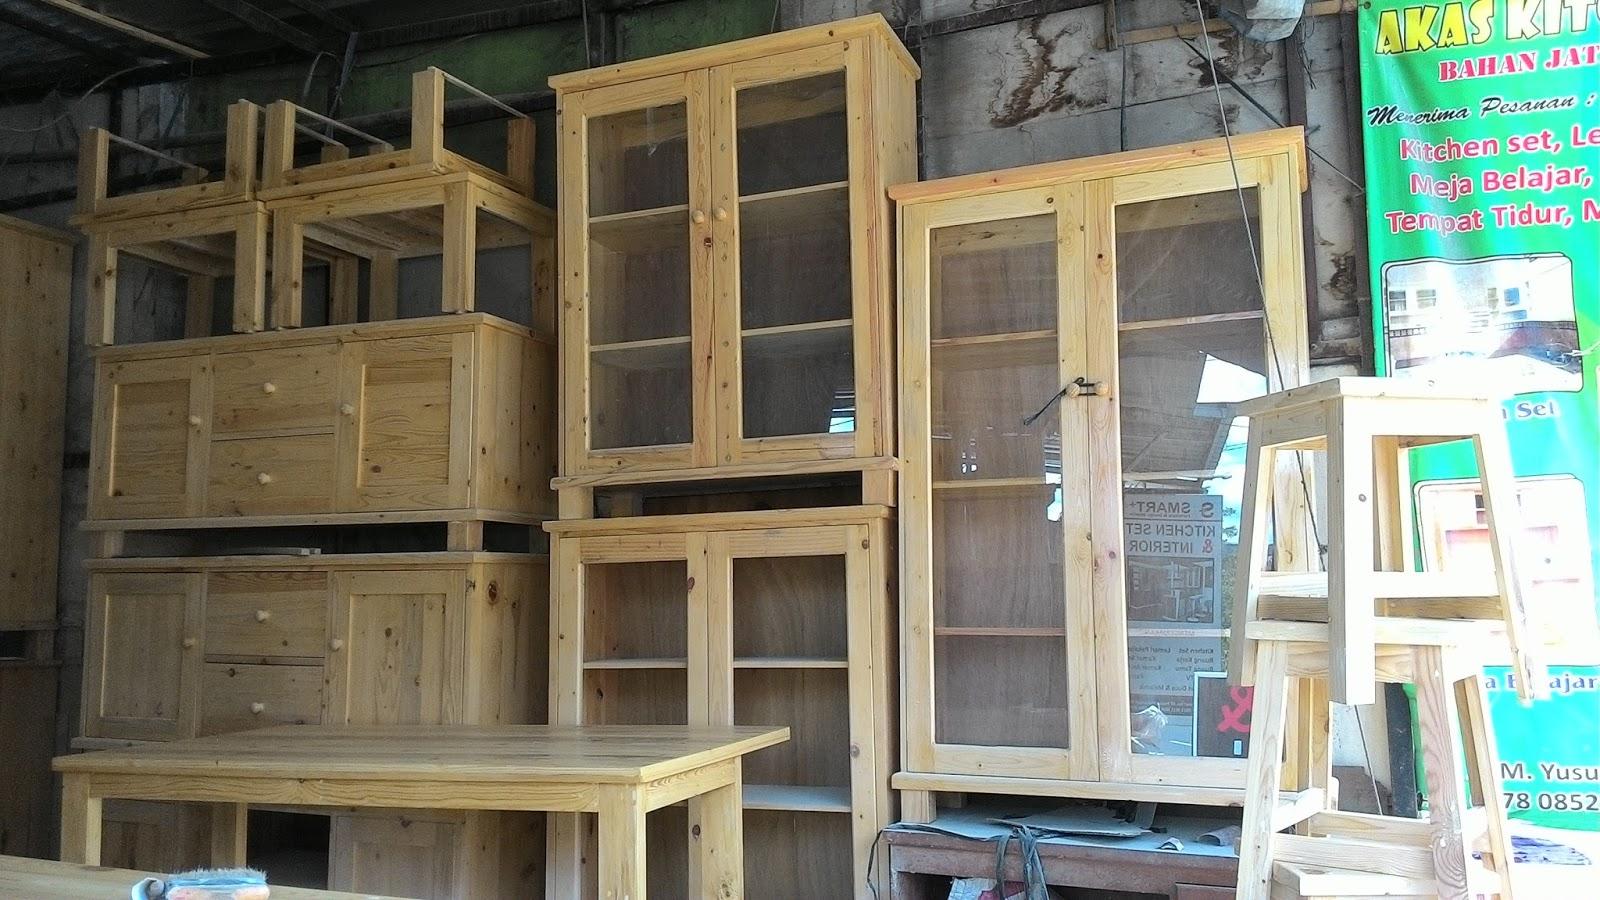 Furniture kayu jati belanda akas kitchen set di depok for Kitchen set kayu jati belanda